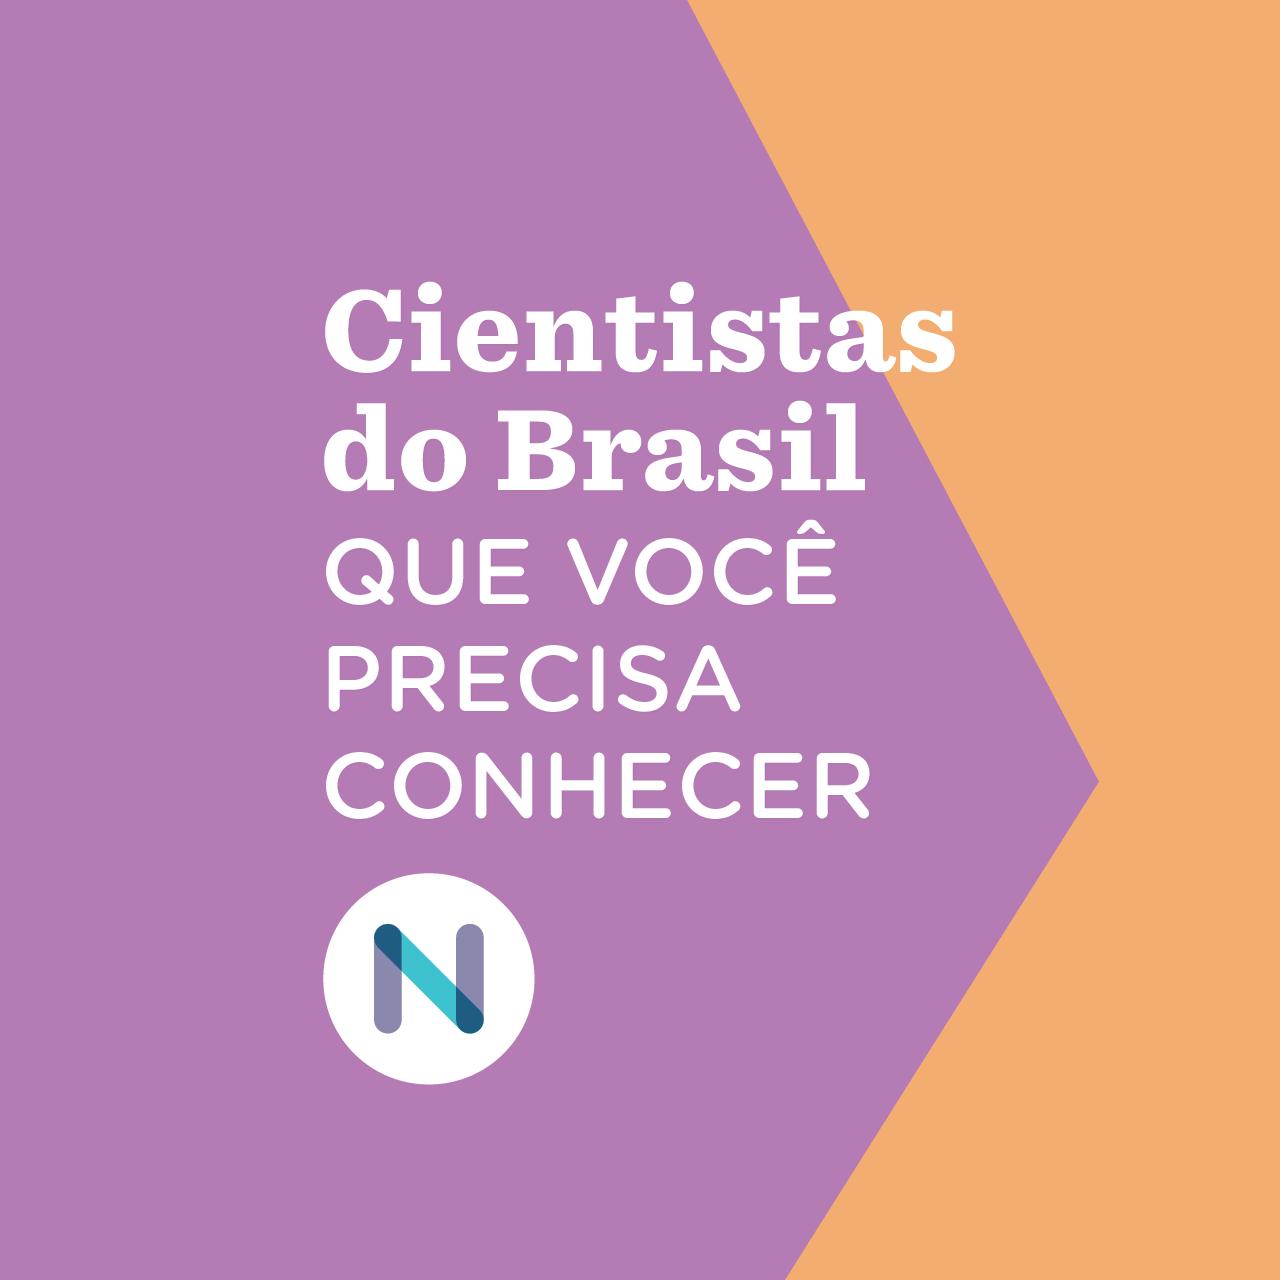 Cientistas do Brasil